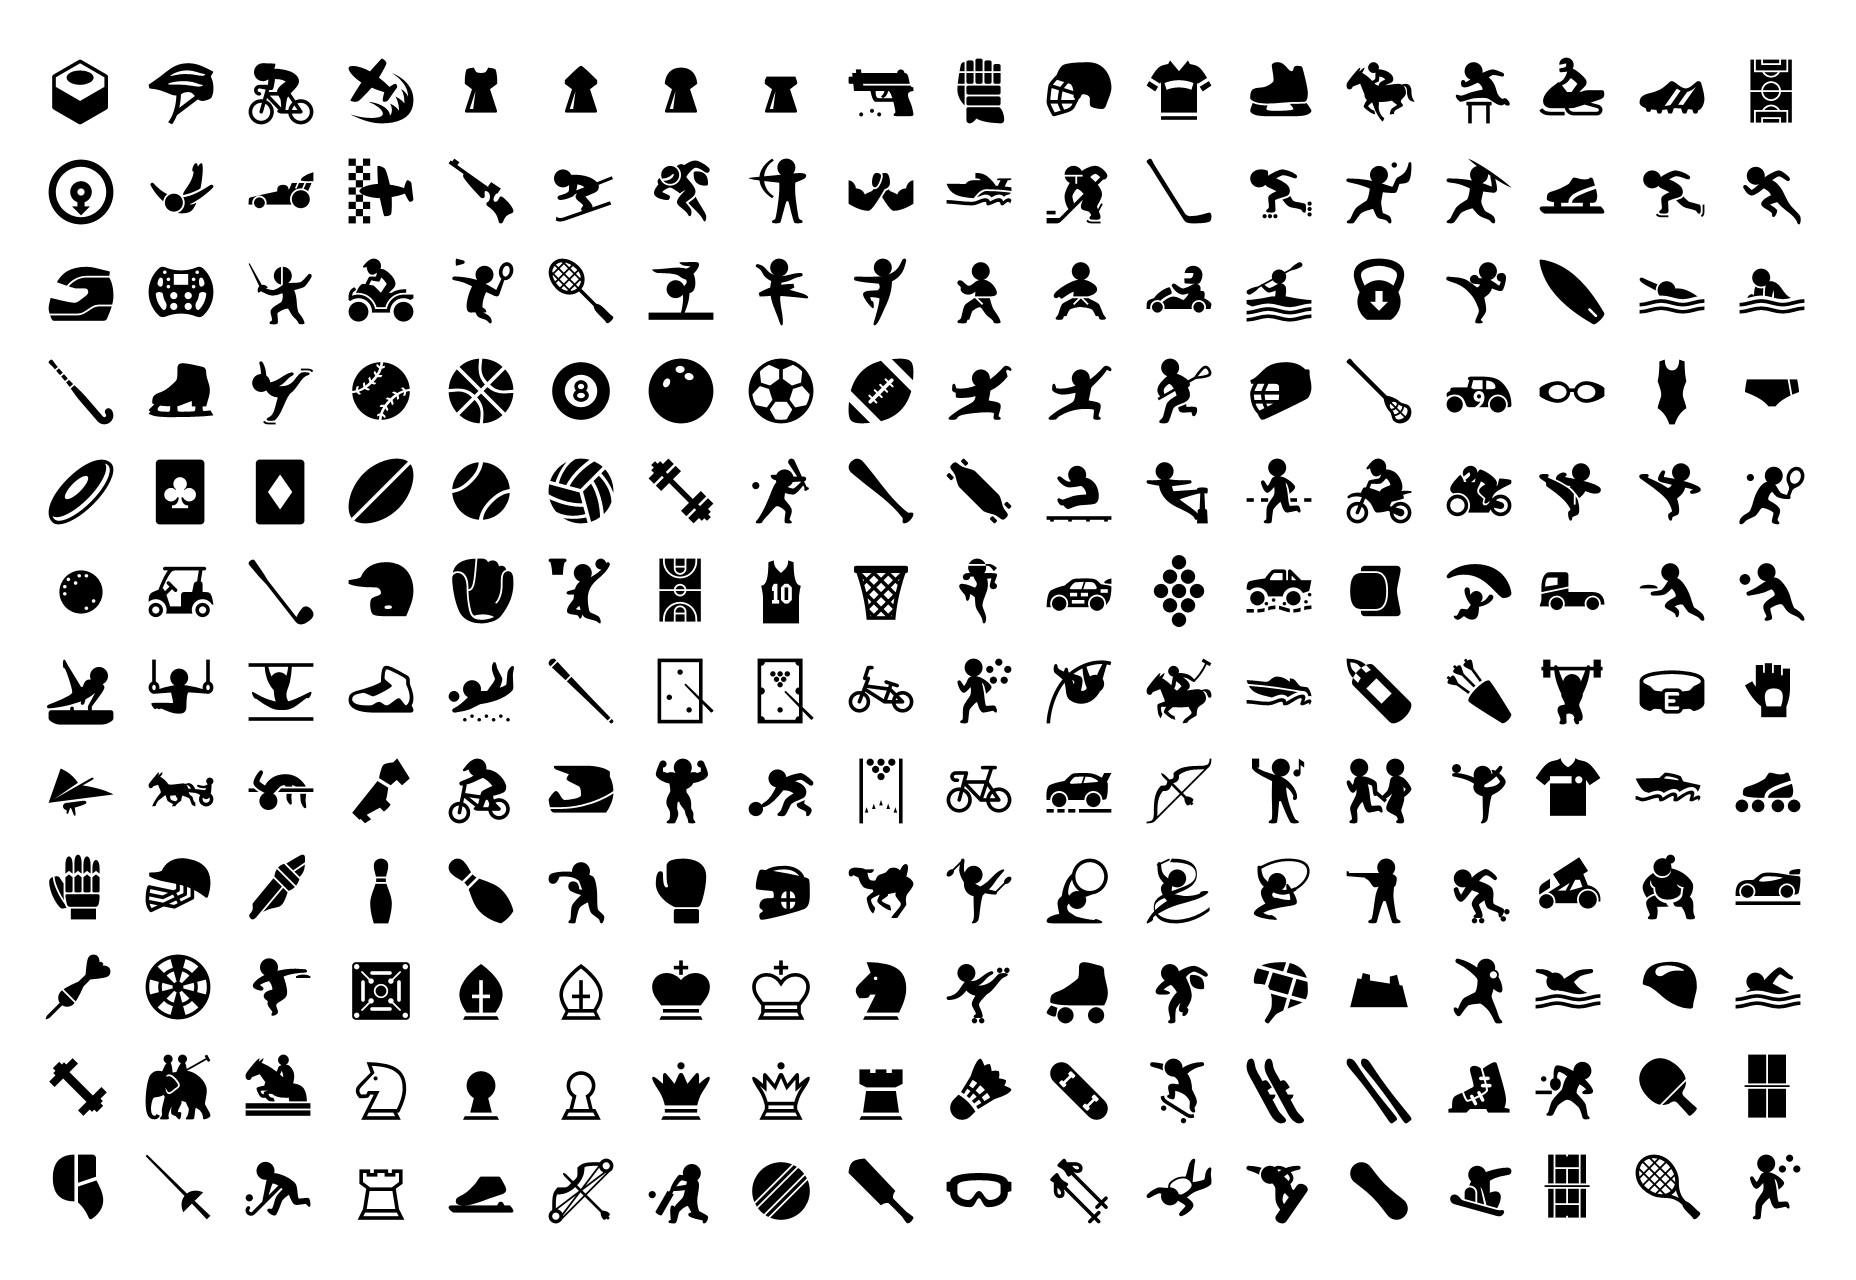 Un conjunto de más de 5800 iconos llenos del deporte